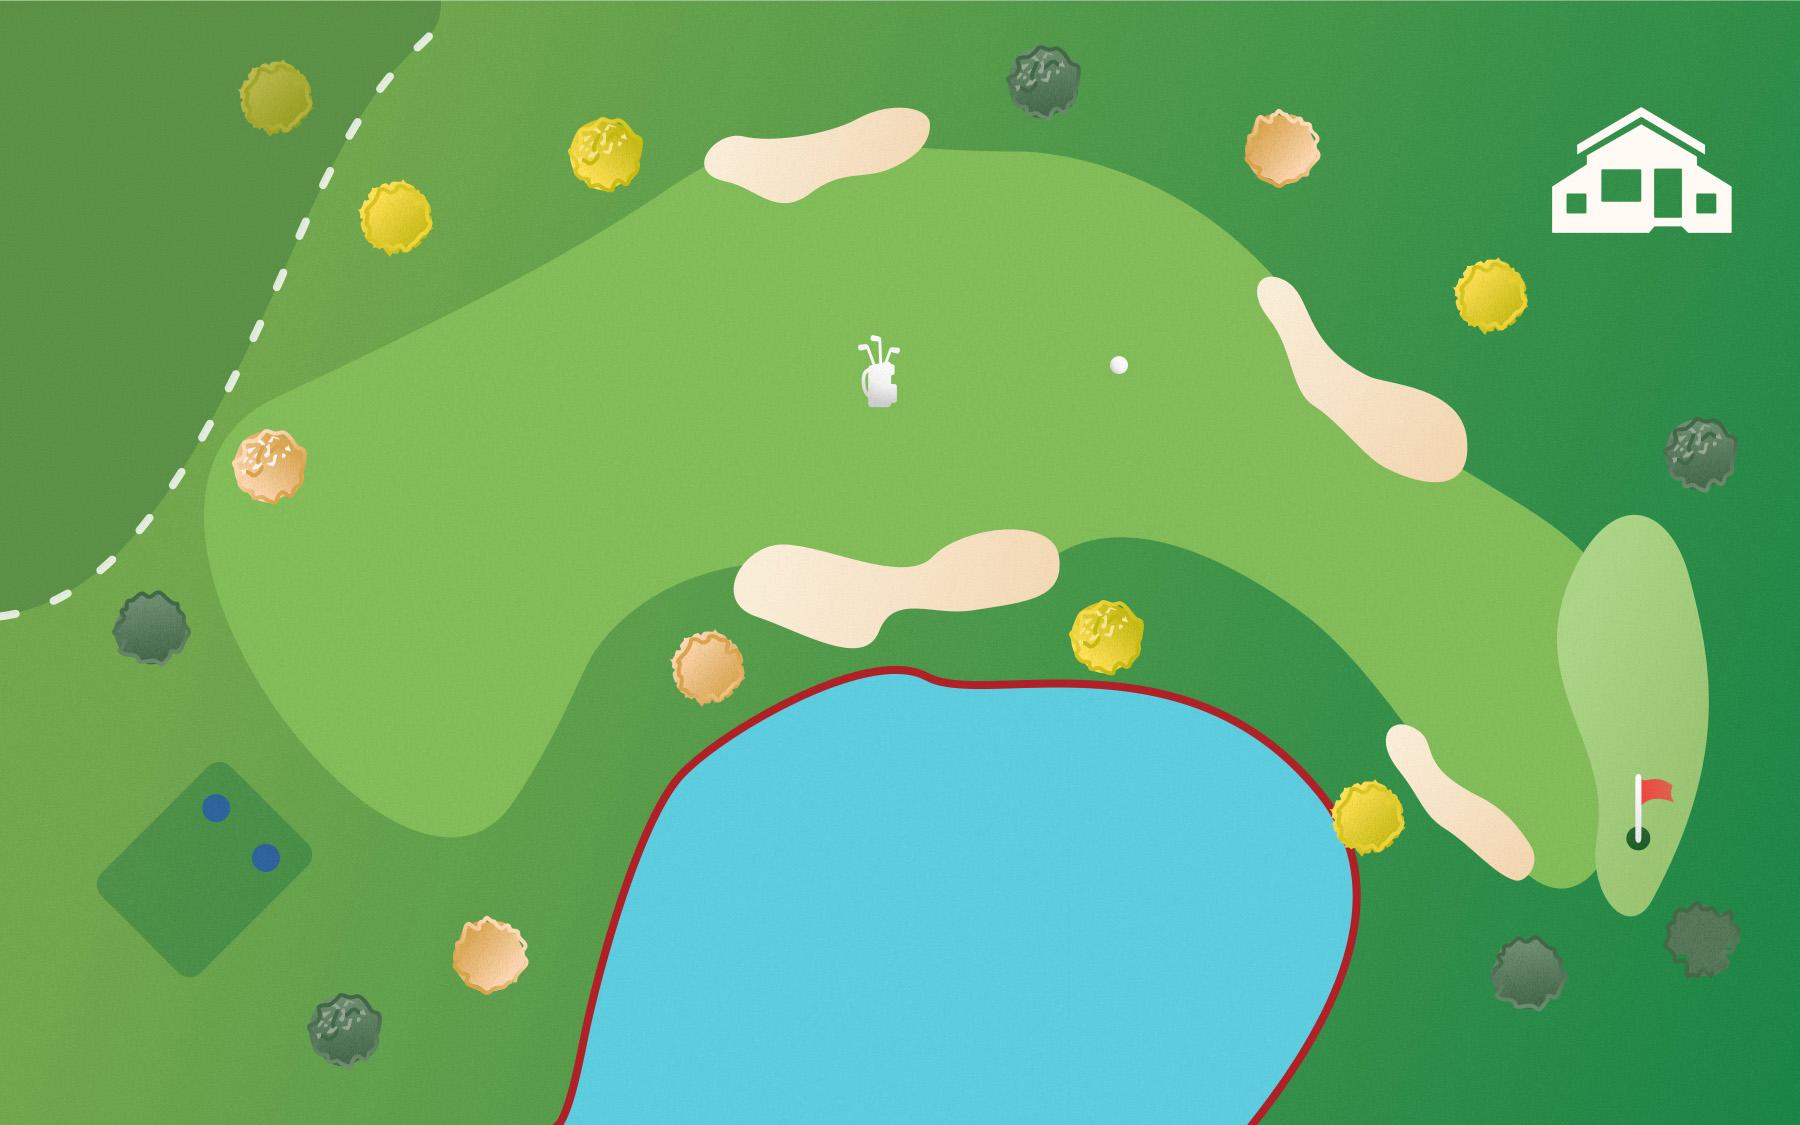 De meest voorkomende spelsituaties te vinden op de golfkaart